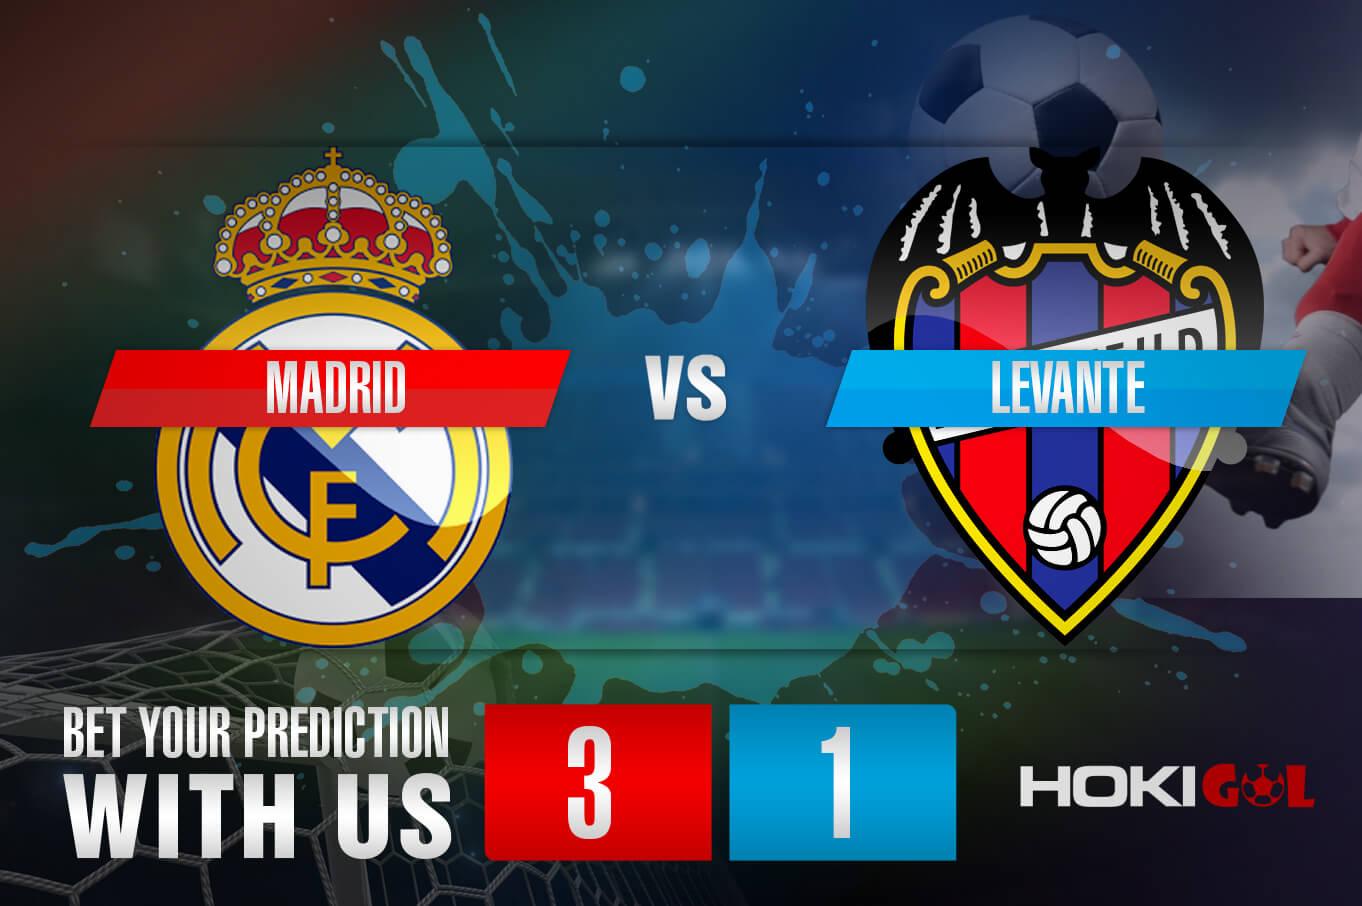 Prediksi Bola Madrid Vs Levante 30 Januari 2021